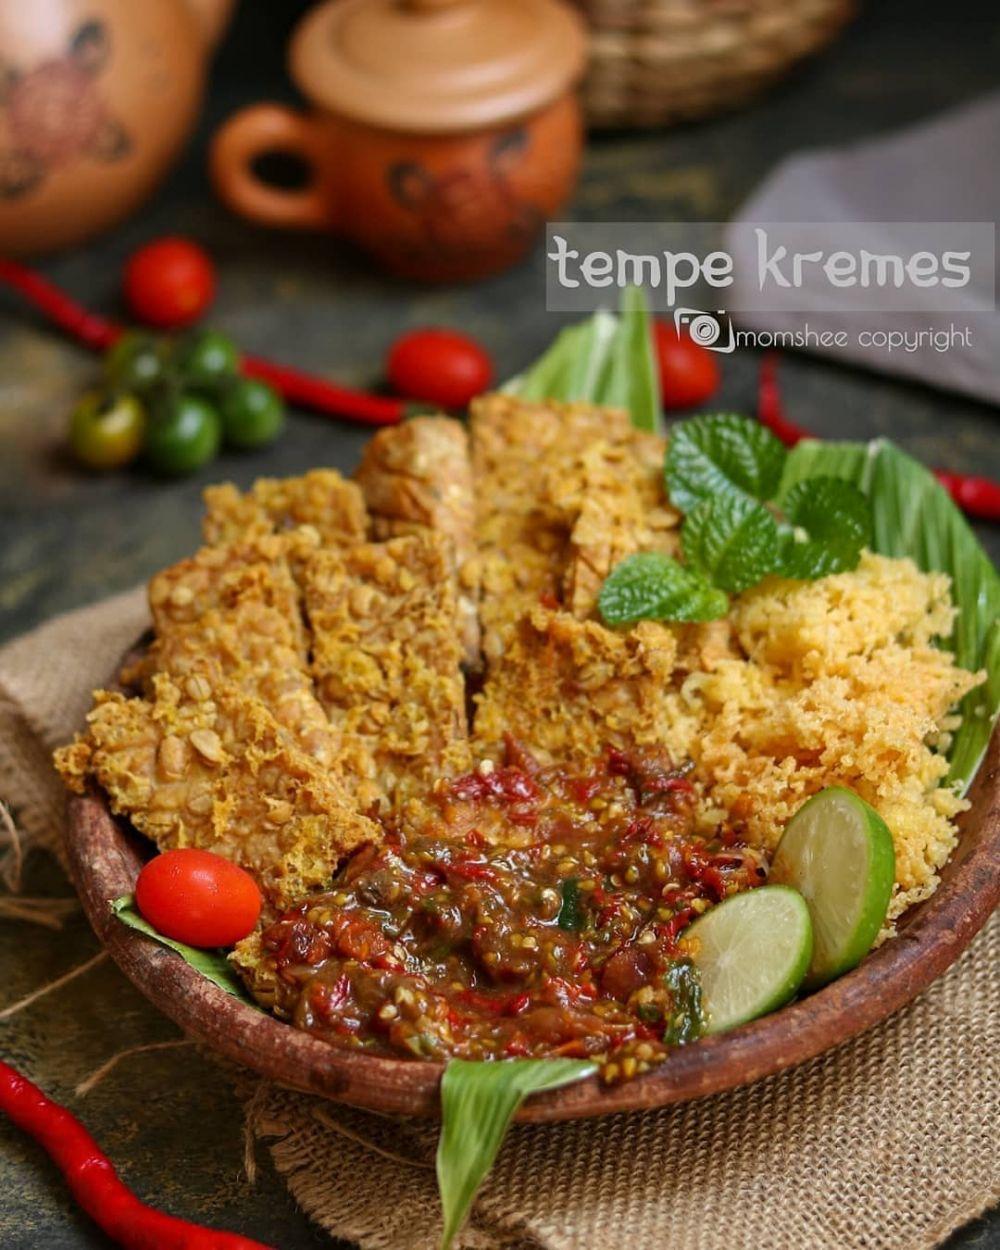 resep masakan kremes ©Instagram